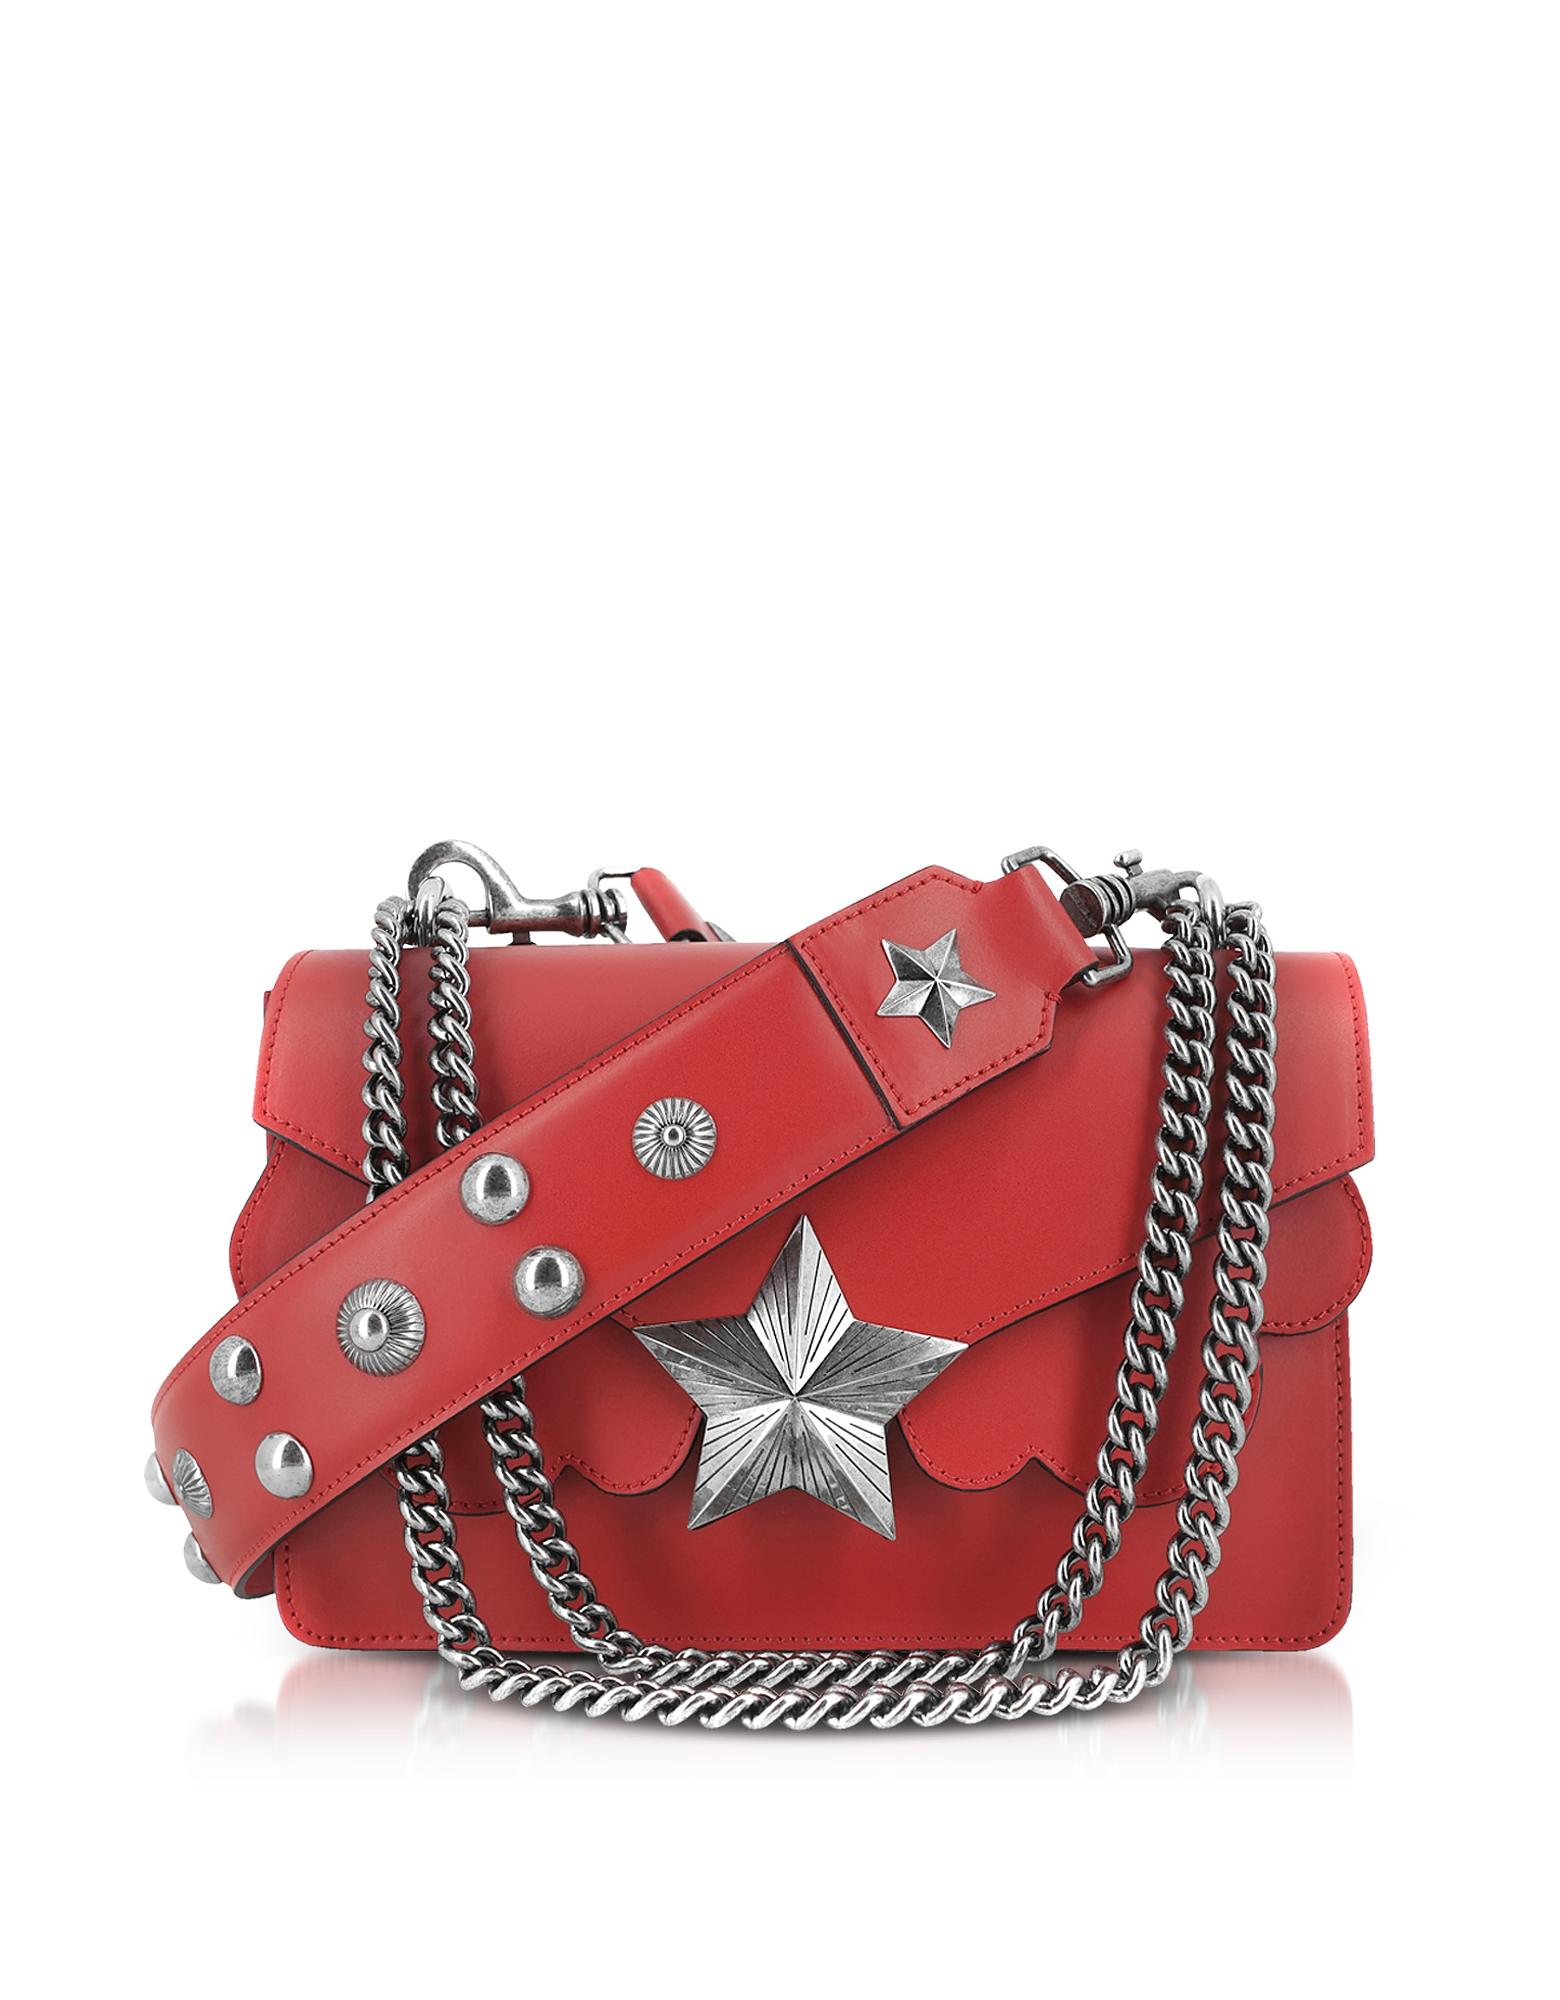 Red Leather Vega Medium Shoulder Bag